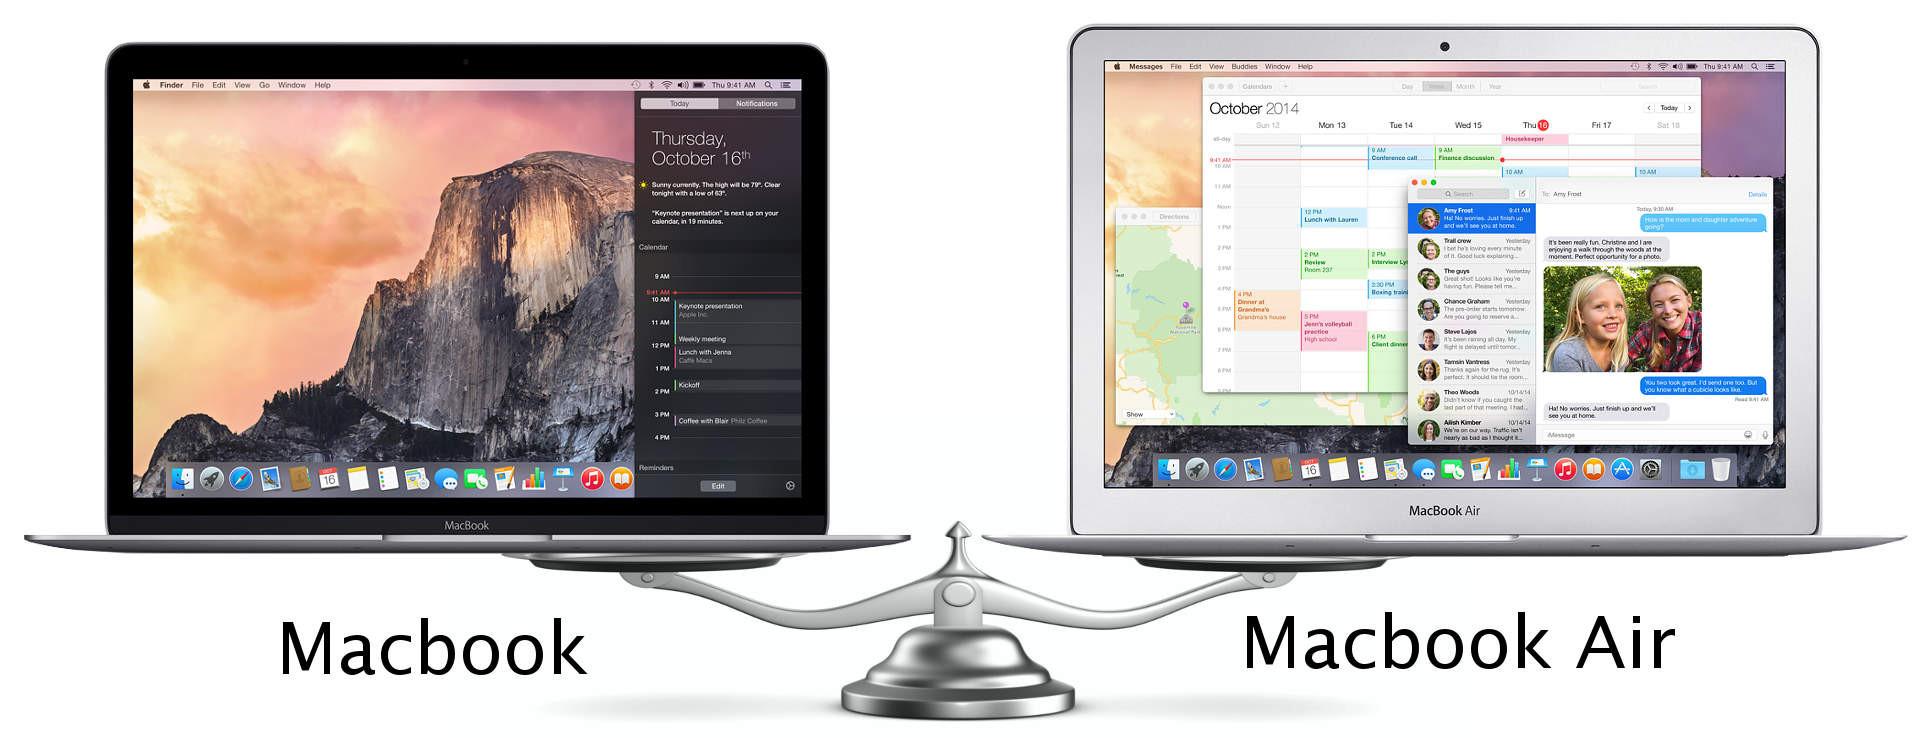 Choosing between the Early 2015 Macbook and Early 2015 Macbook Air